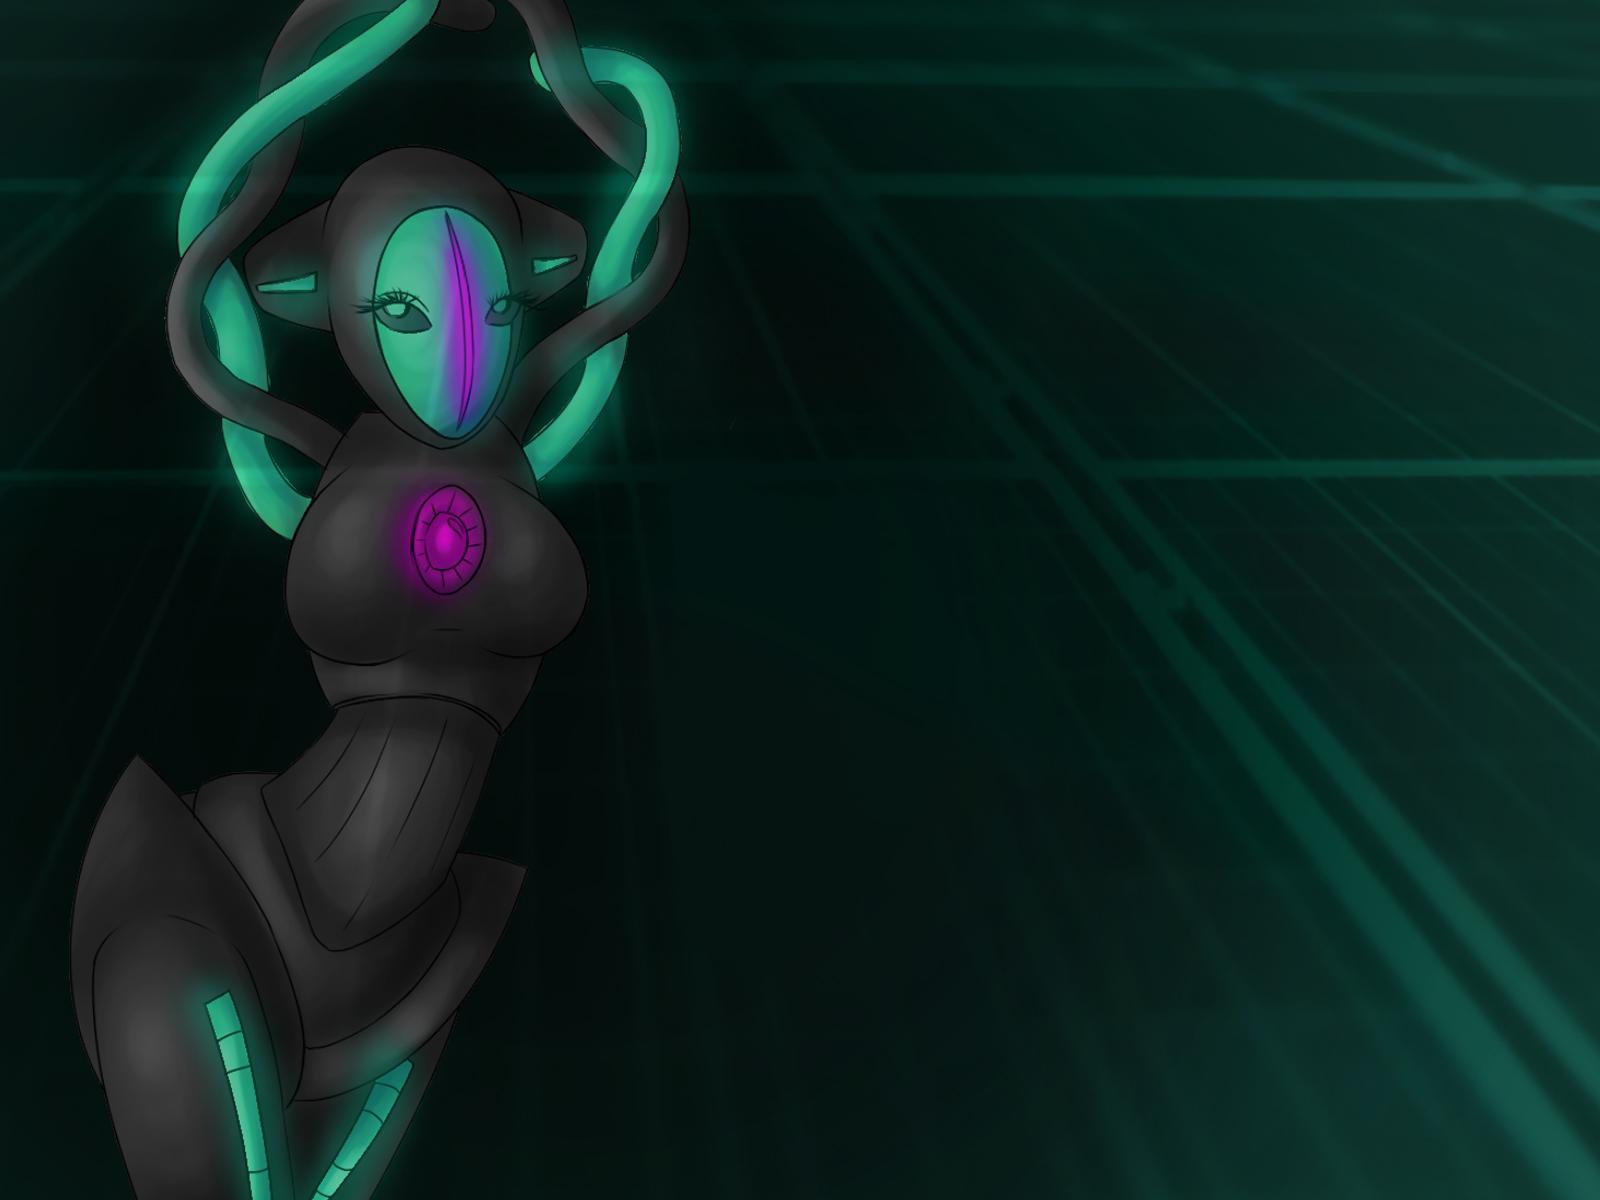 Pokémon-Zeichnung: Sexy deoxy